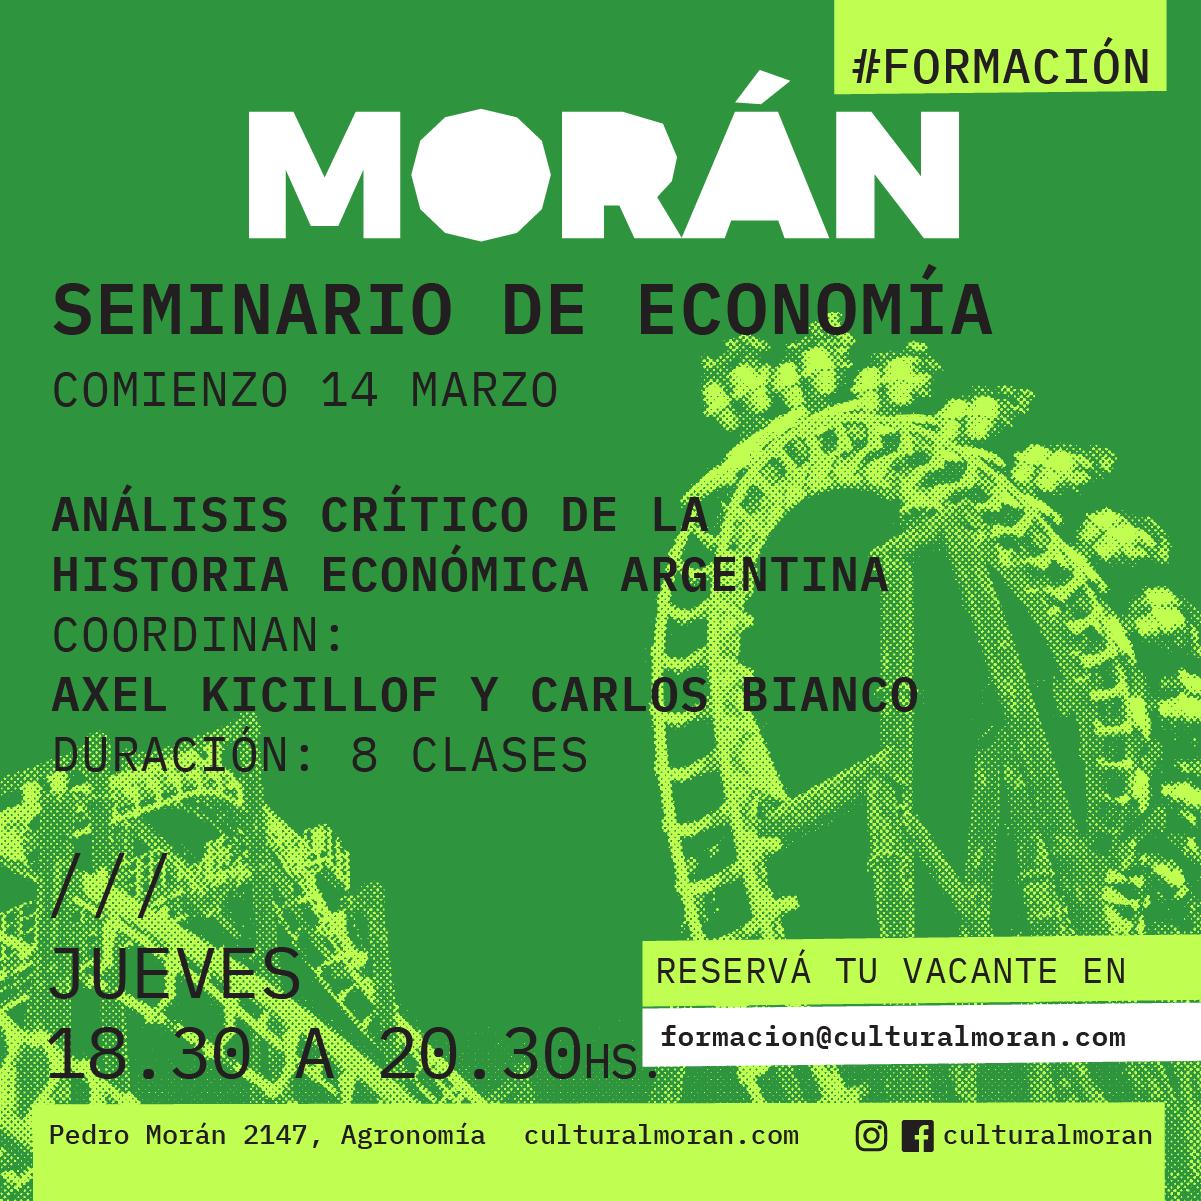 1903_MORÁN - Cursos Economía JUE - REDES-F.png